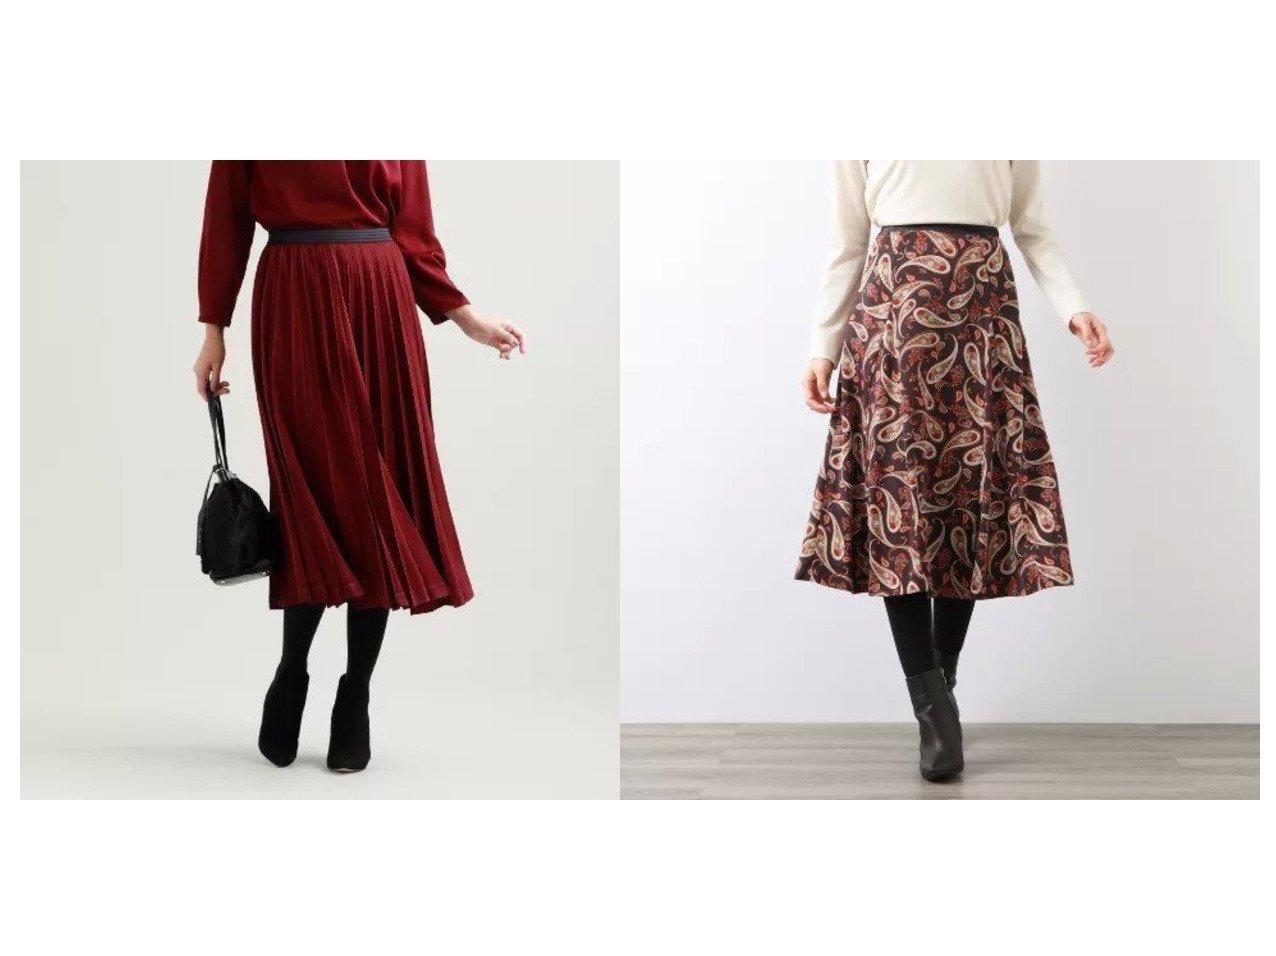 【AMACA/アマカ】のフローラルペイズリースカート&【TRANS WORK/トランスワーク】の【ウォッシャブル】ピーチサテンスカート スカートのおすすめ!人気、レディースファッションの通販 おすすめで人気のファッション通販商品 インテリア・家具・キッズファッション・メンズファッション・レディースファッション・服の通販 founy(ファニー) https://founy.com/ ファッション Fashion レディース WOMEN スカート Skirt ウォッシャブル サテン マキシ ロング 春 秋 秋冬 A/W Autumn/ Winter エレガント シャンタン セットアップ ピーチ フラワー ペイズリー ミックス モチーフ 無地  ID:crp329100000001530